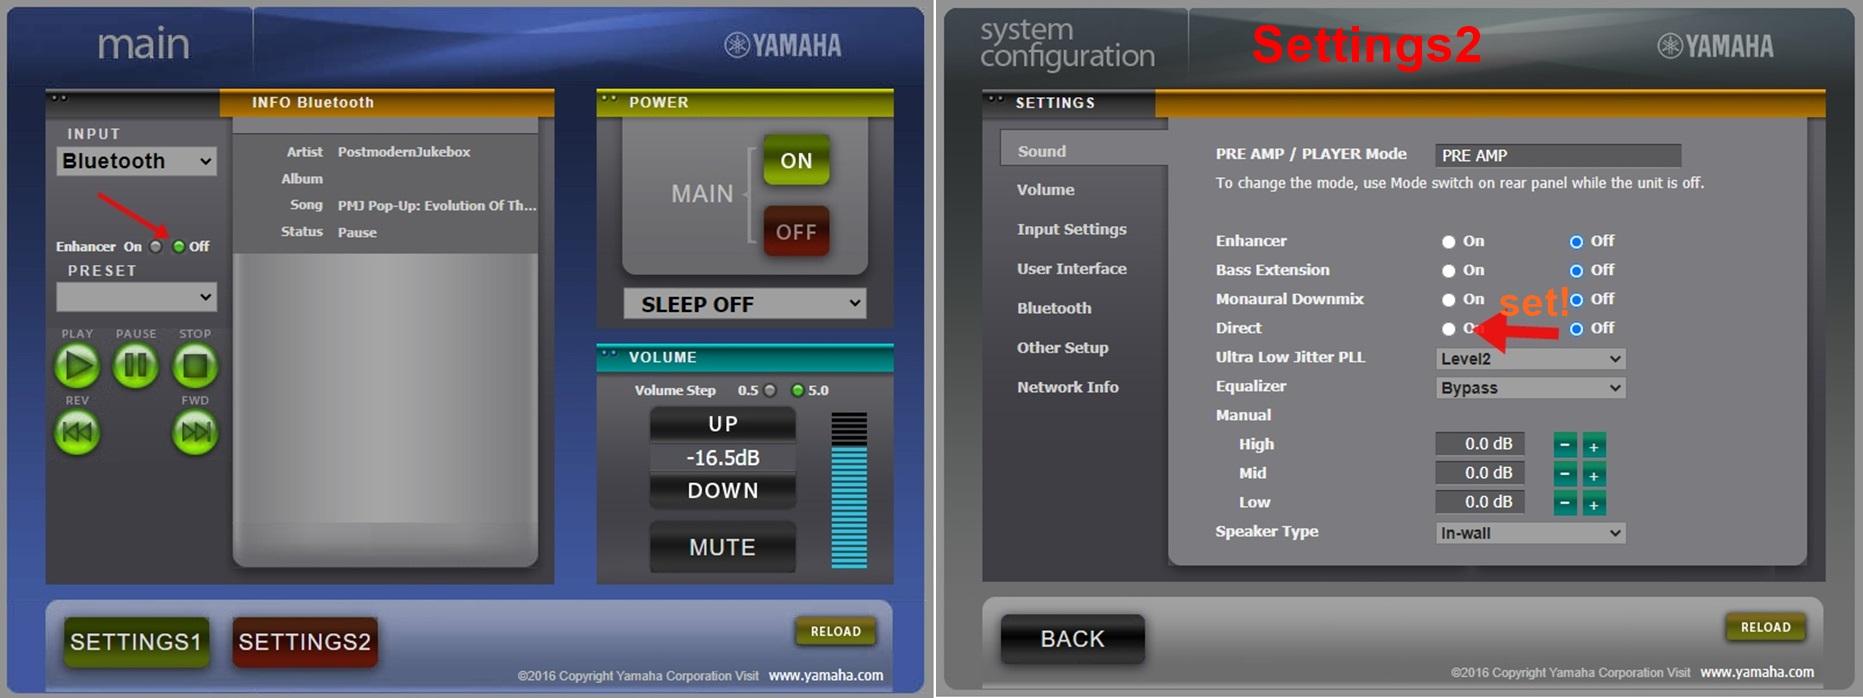 WXC-50 SETTINGS.jpg